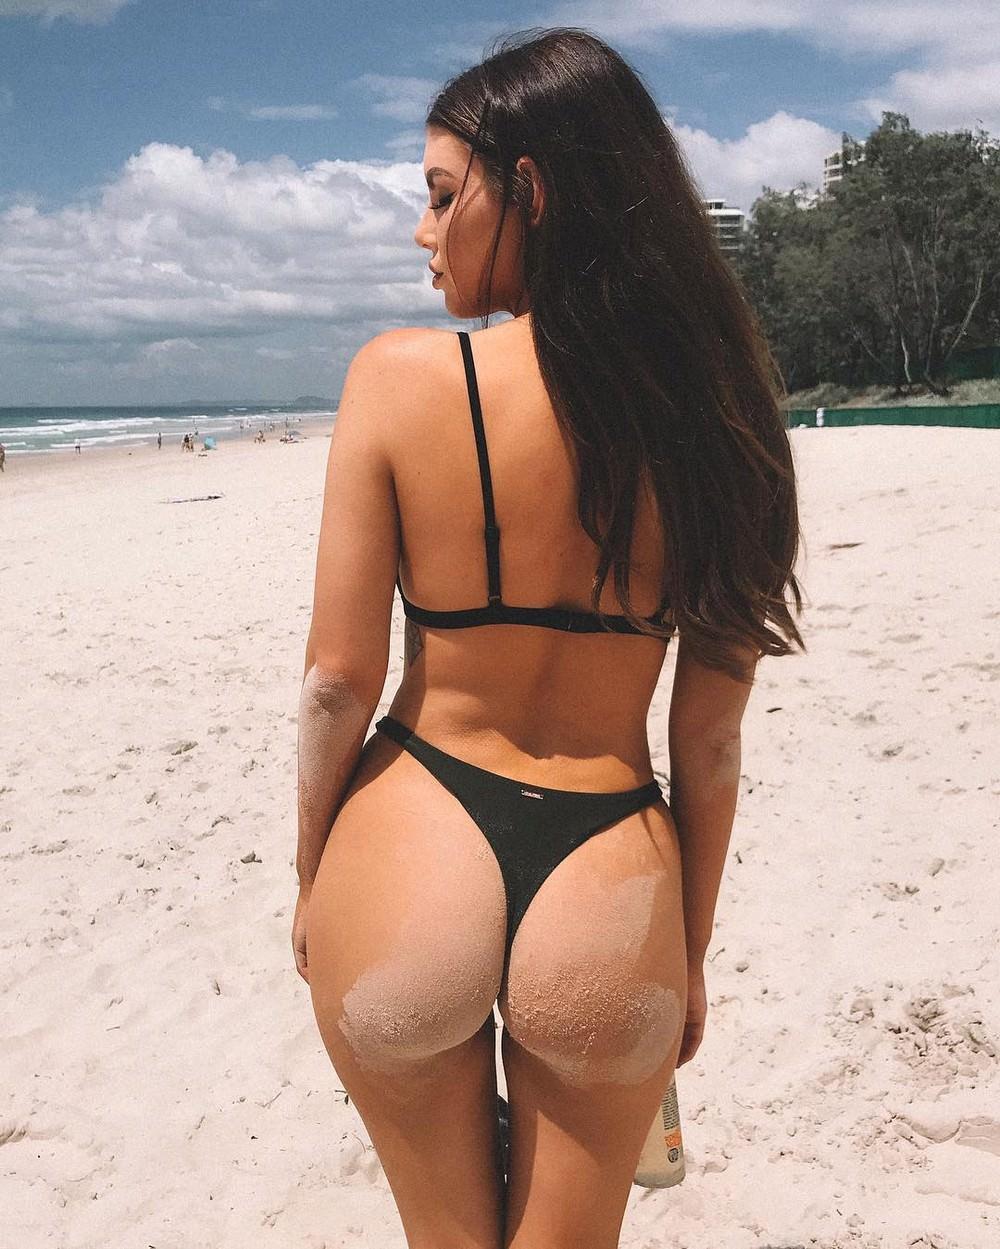 Фото попа в песке